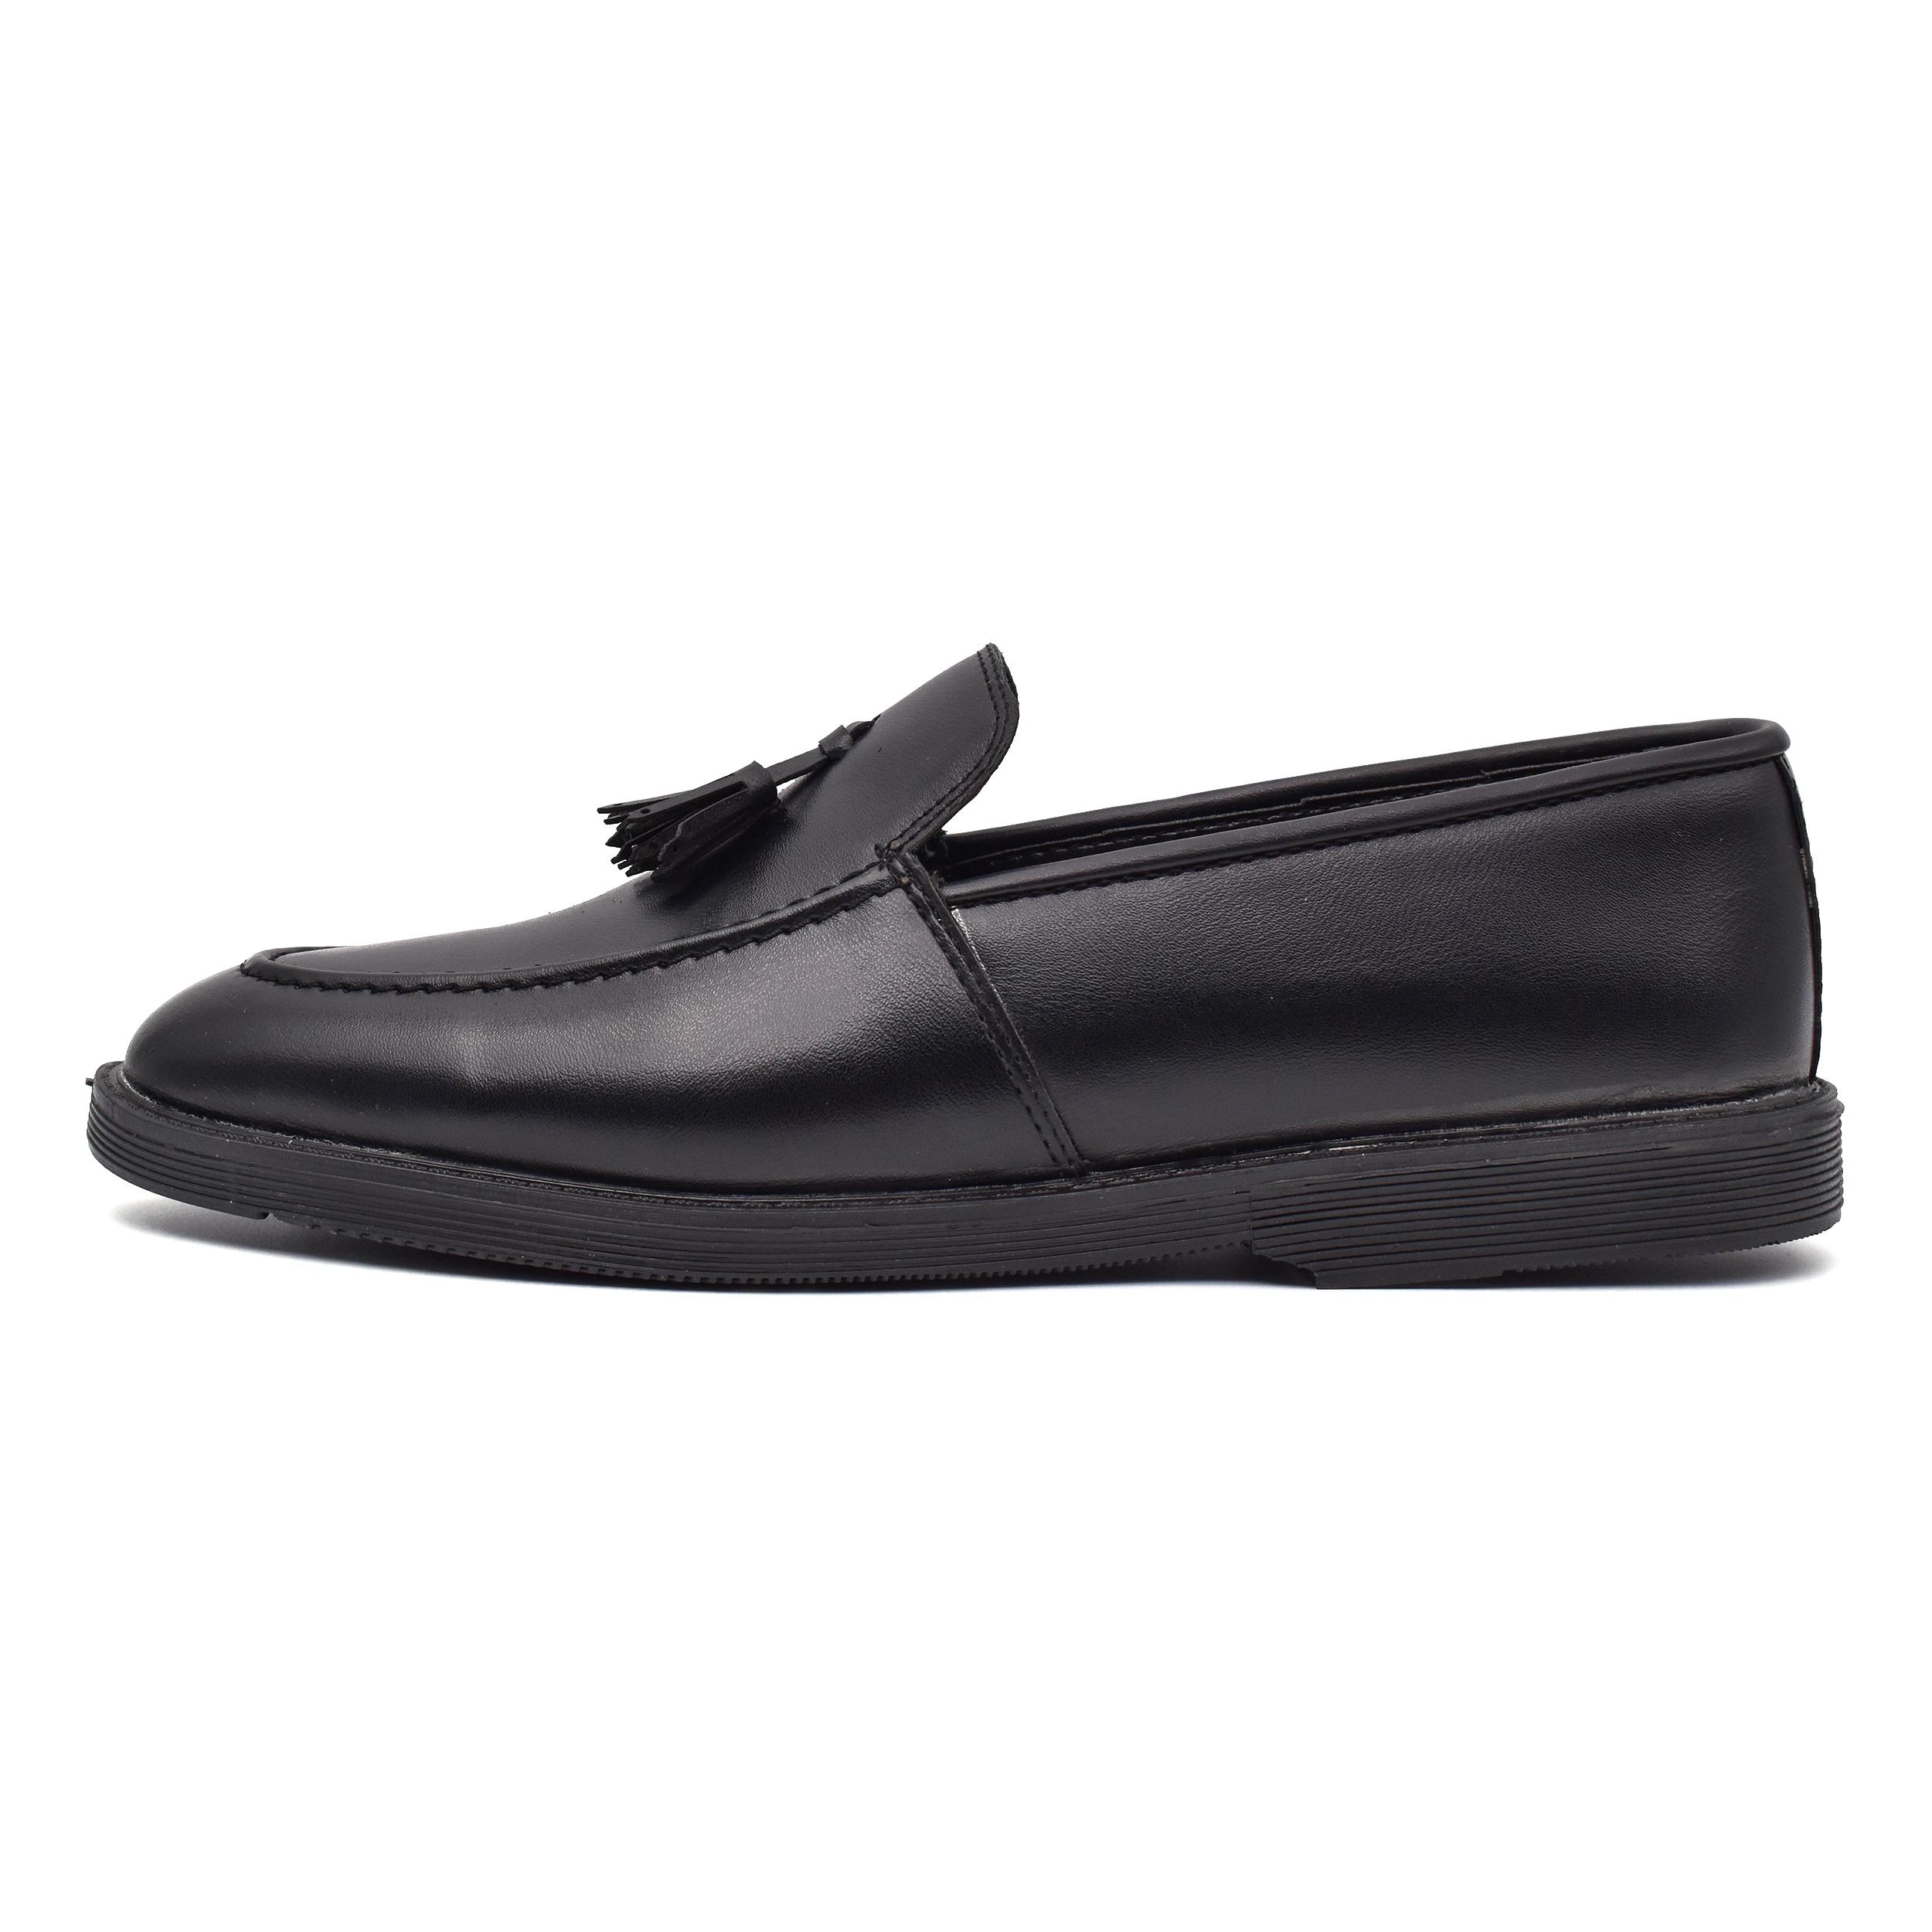 کفش روزمره مردانه مدل کالو کد 6741